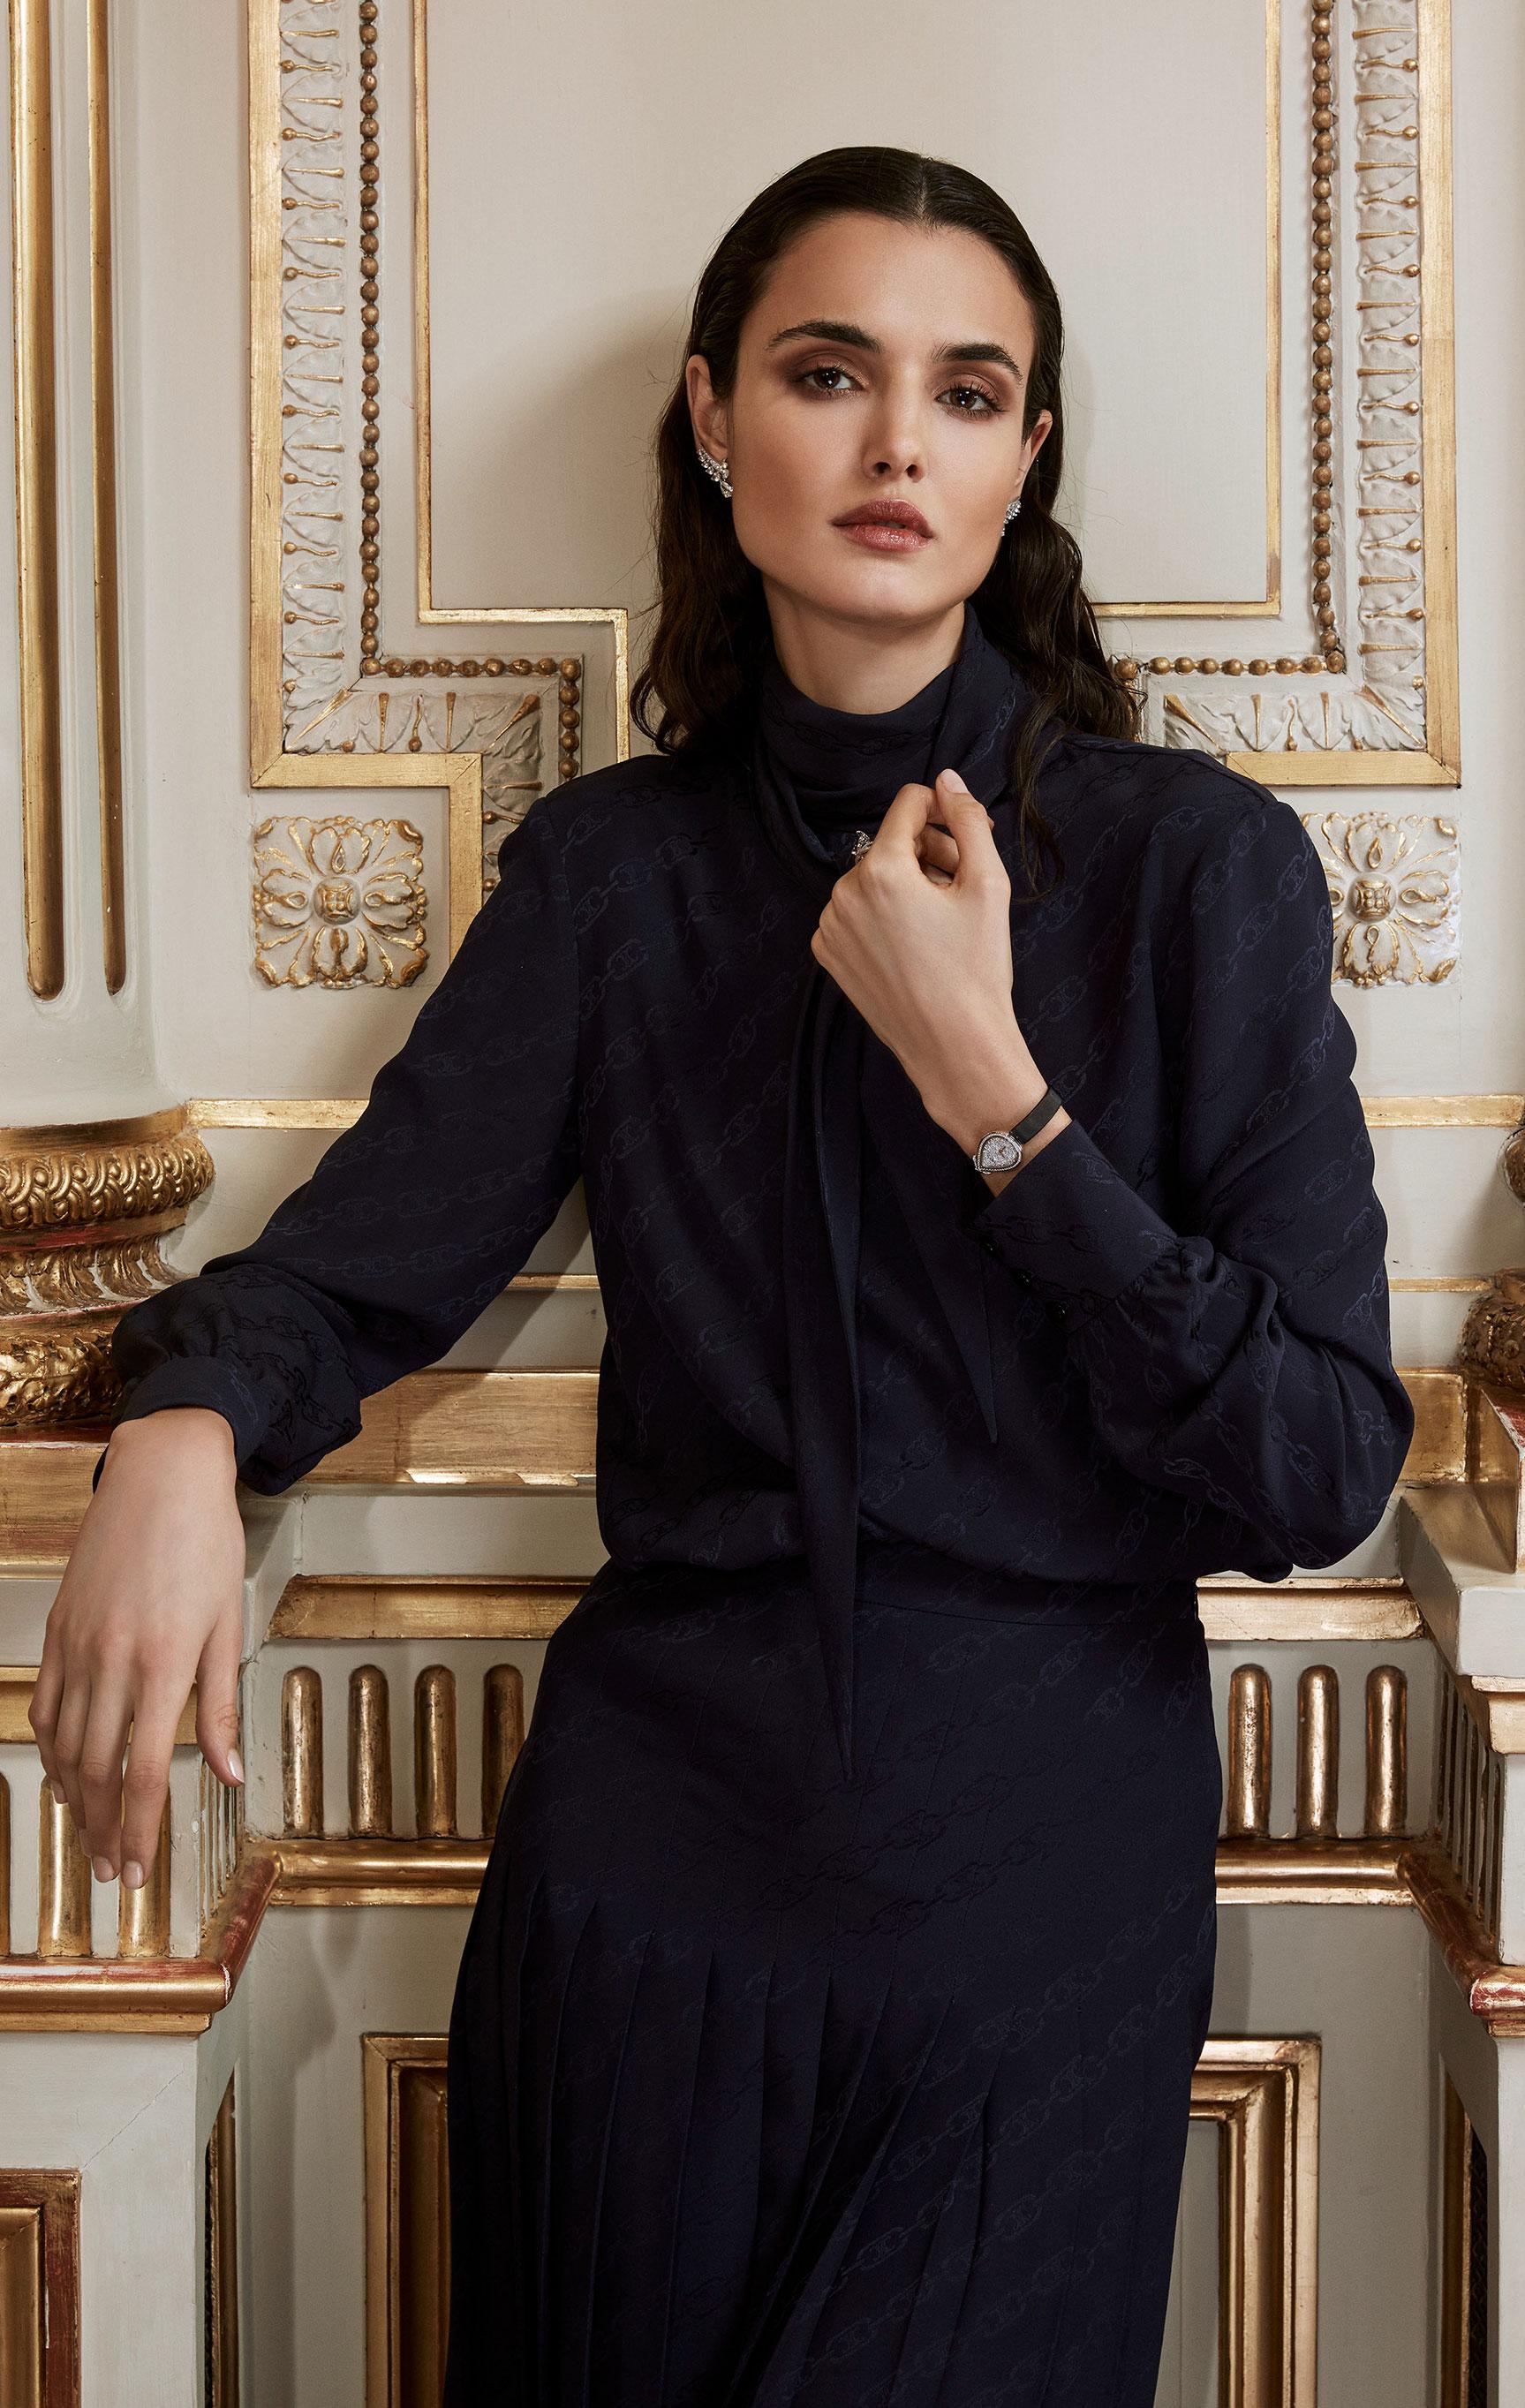 классические парижские ювелирные изделия Chaumet на красивой девушке / фото 03